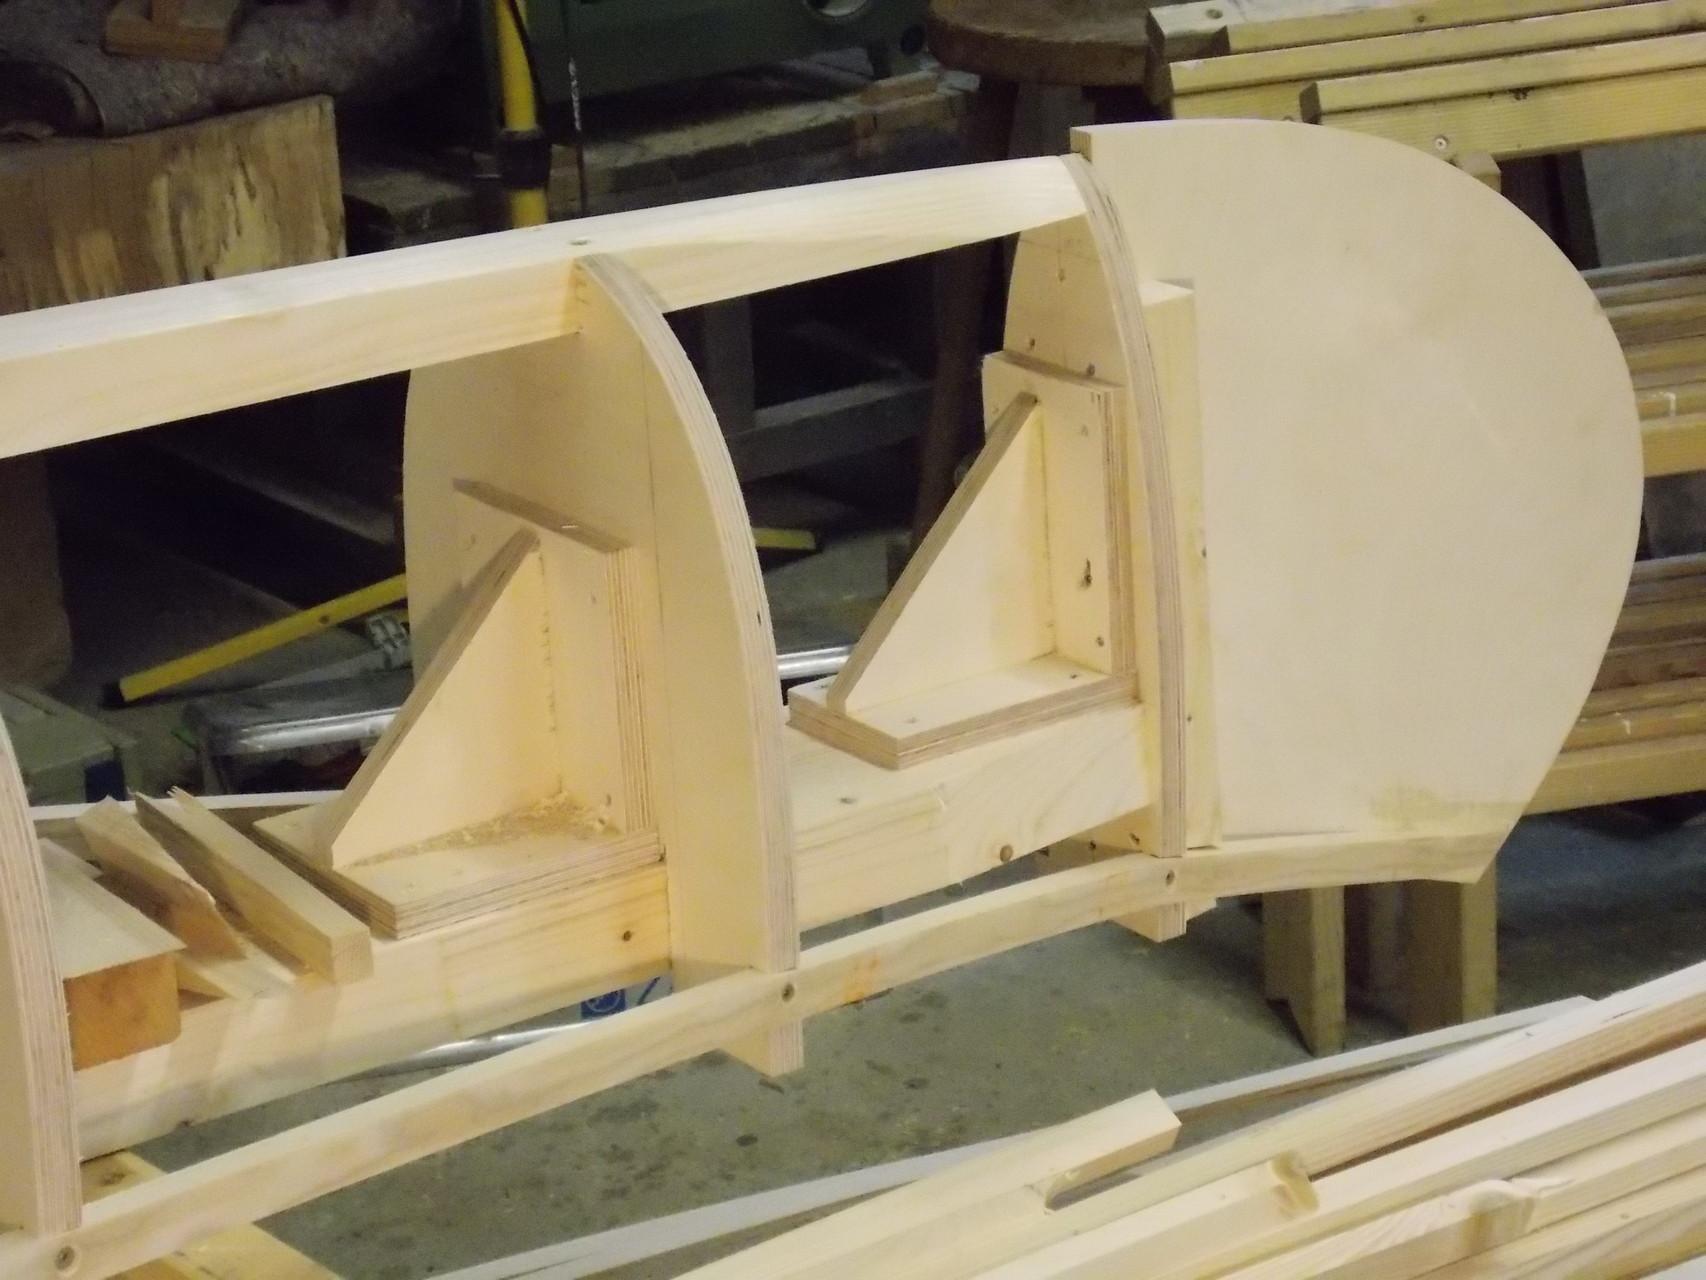 Die komplexe Bauweise und Präzision werden hier im Detail sichtbar. Sauberes Arbeiten am Anfang zahlt sich am Ende aus.